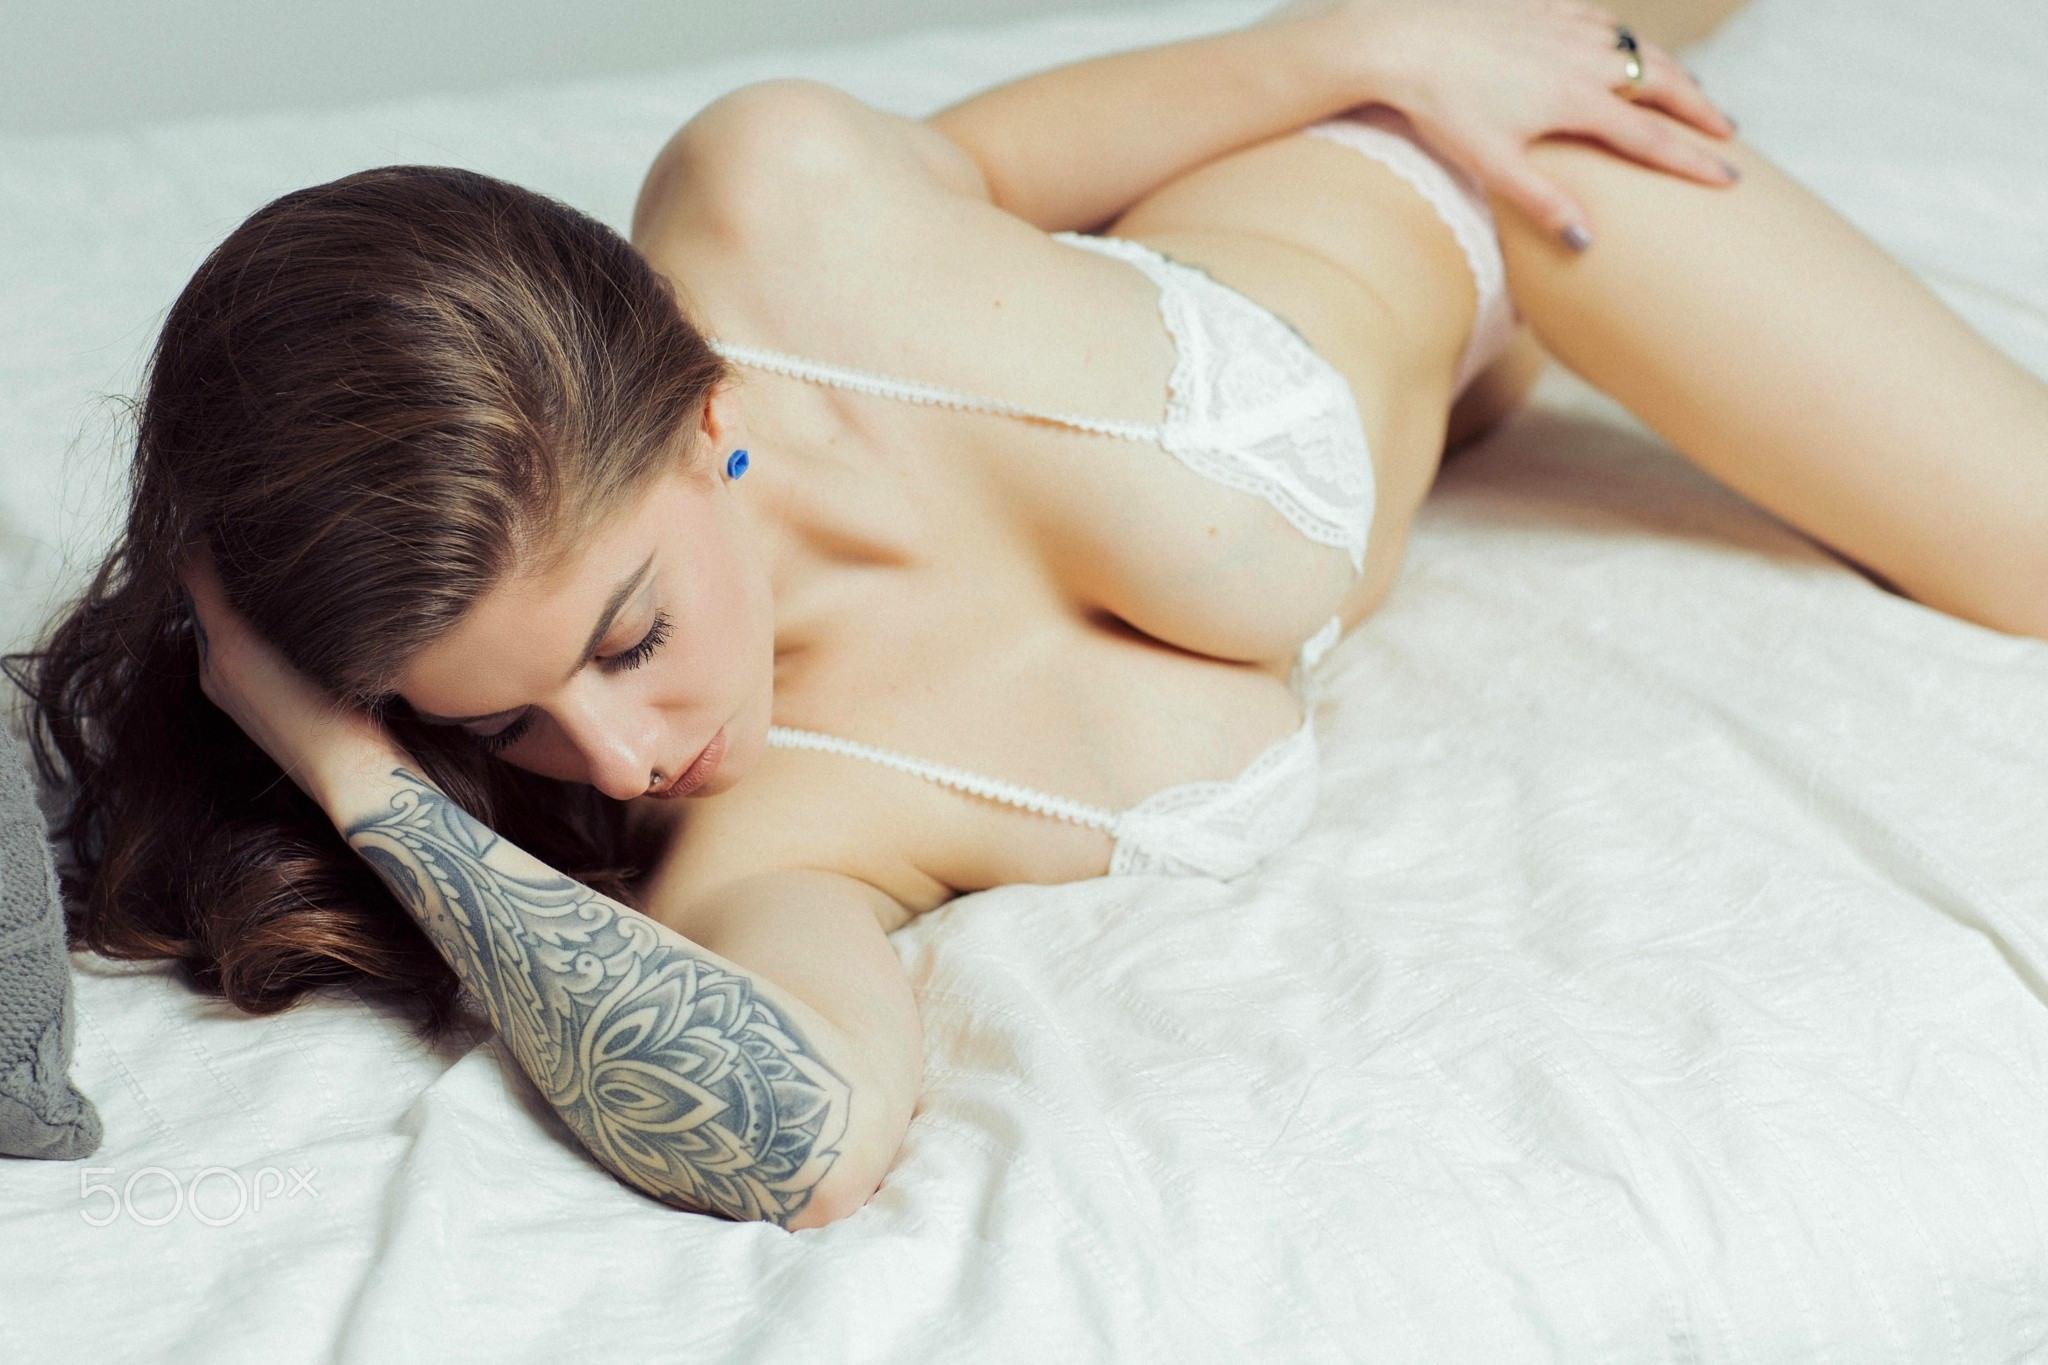 Фото Брюнетка в белом нижнем белье, тату на руке, большая грудь, постель, скачать картинку бесплатно